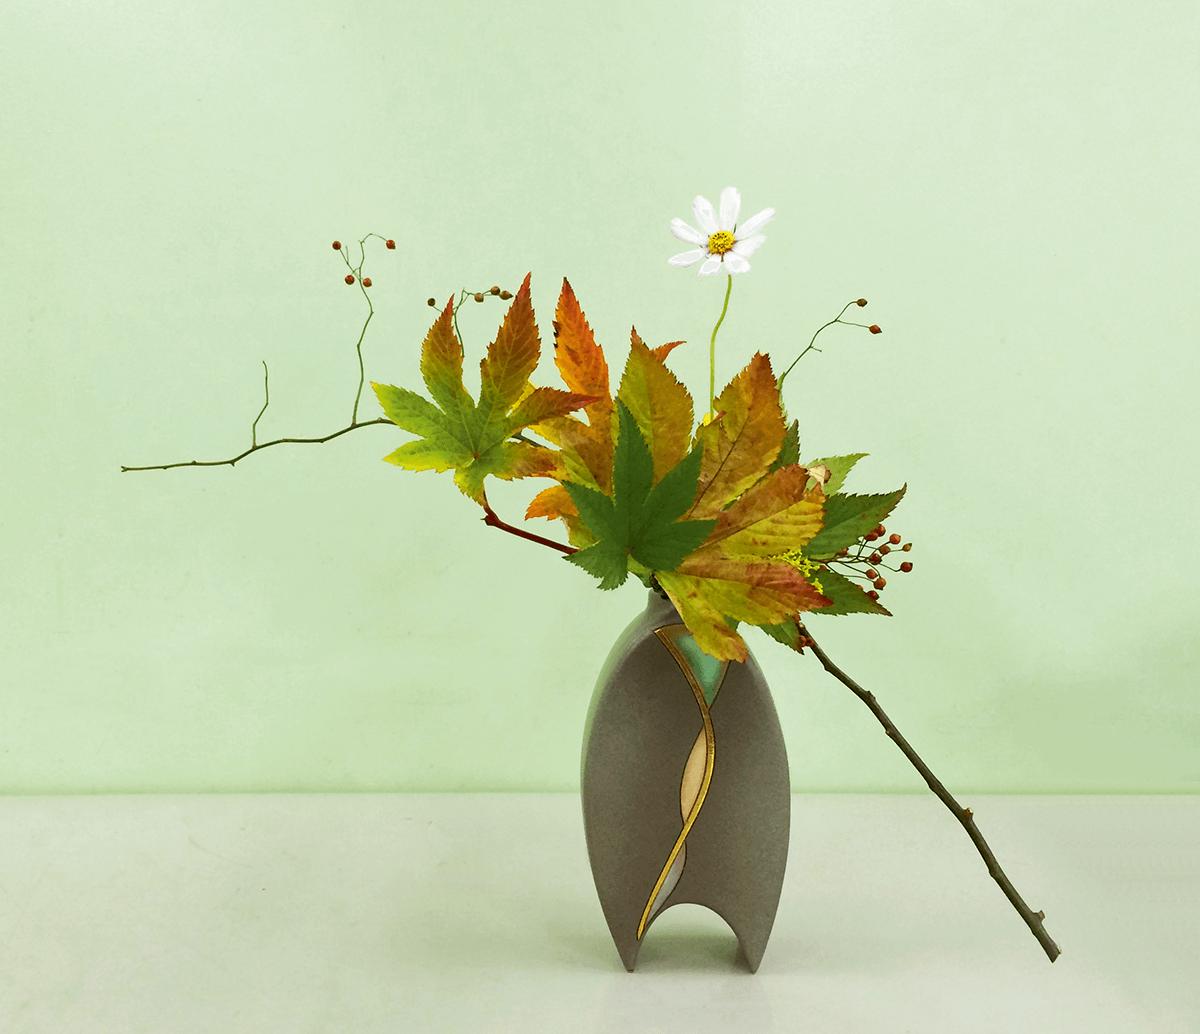 表現秋天風情的自由花,梁偉怡作品。(圖片由受訪 者提供)